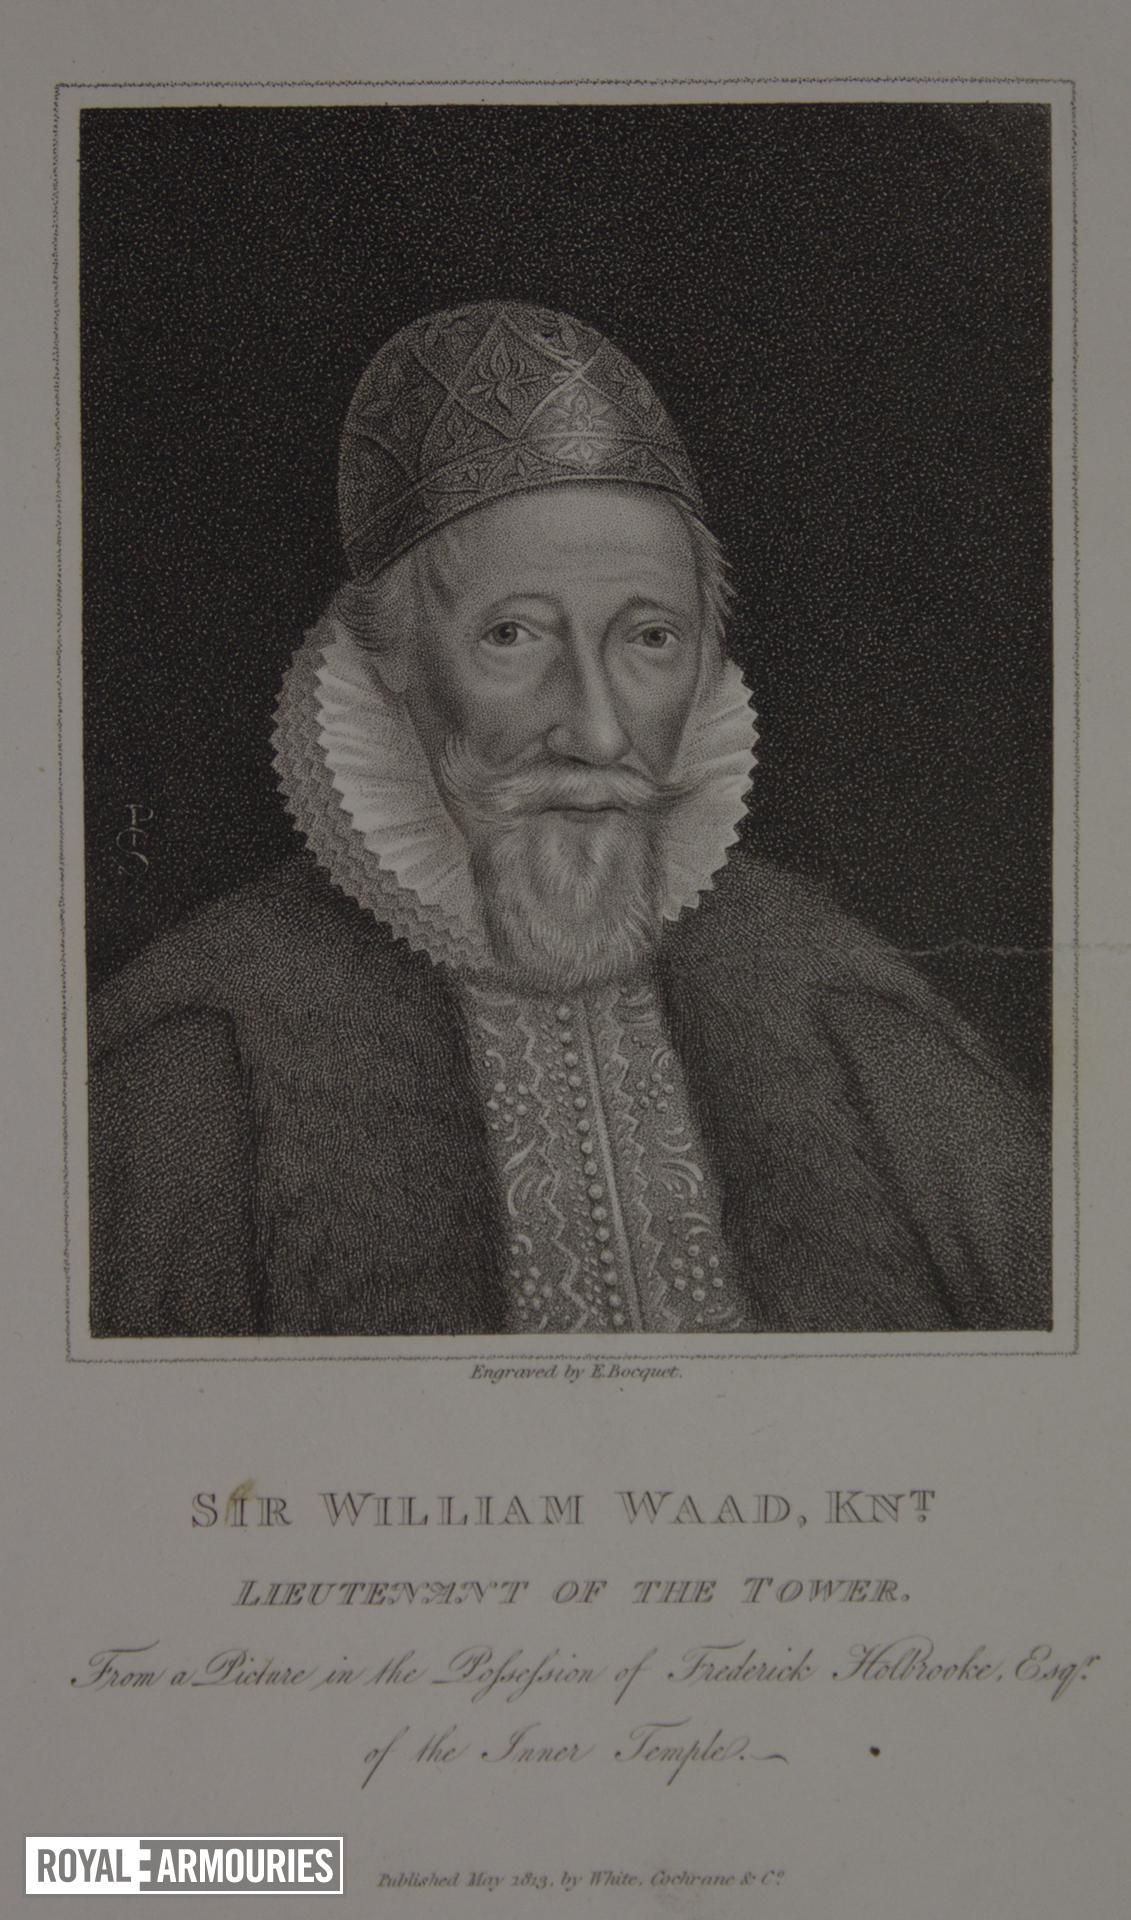 Sir William Waad